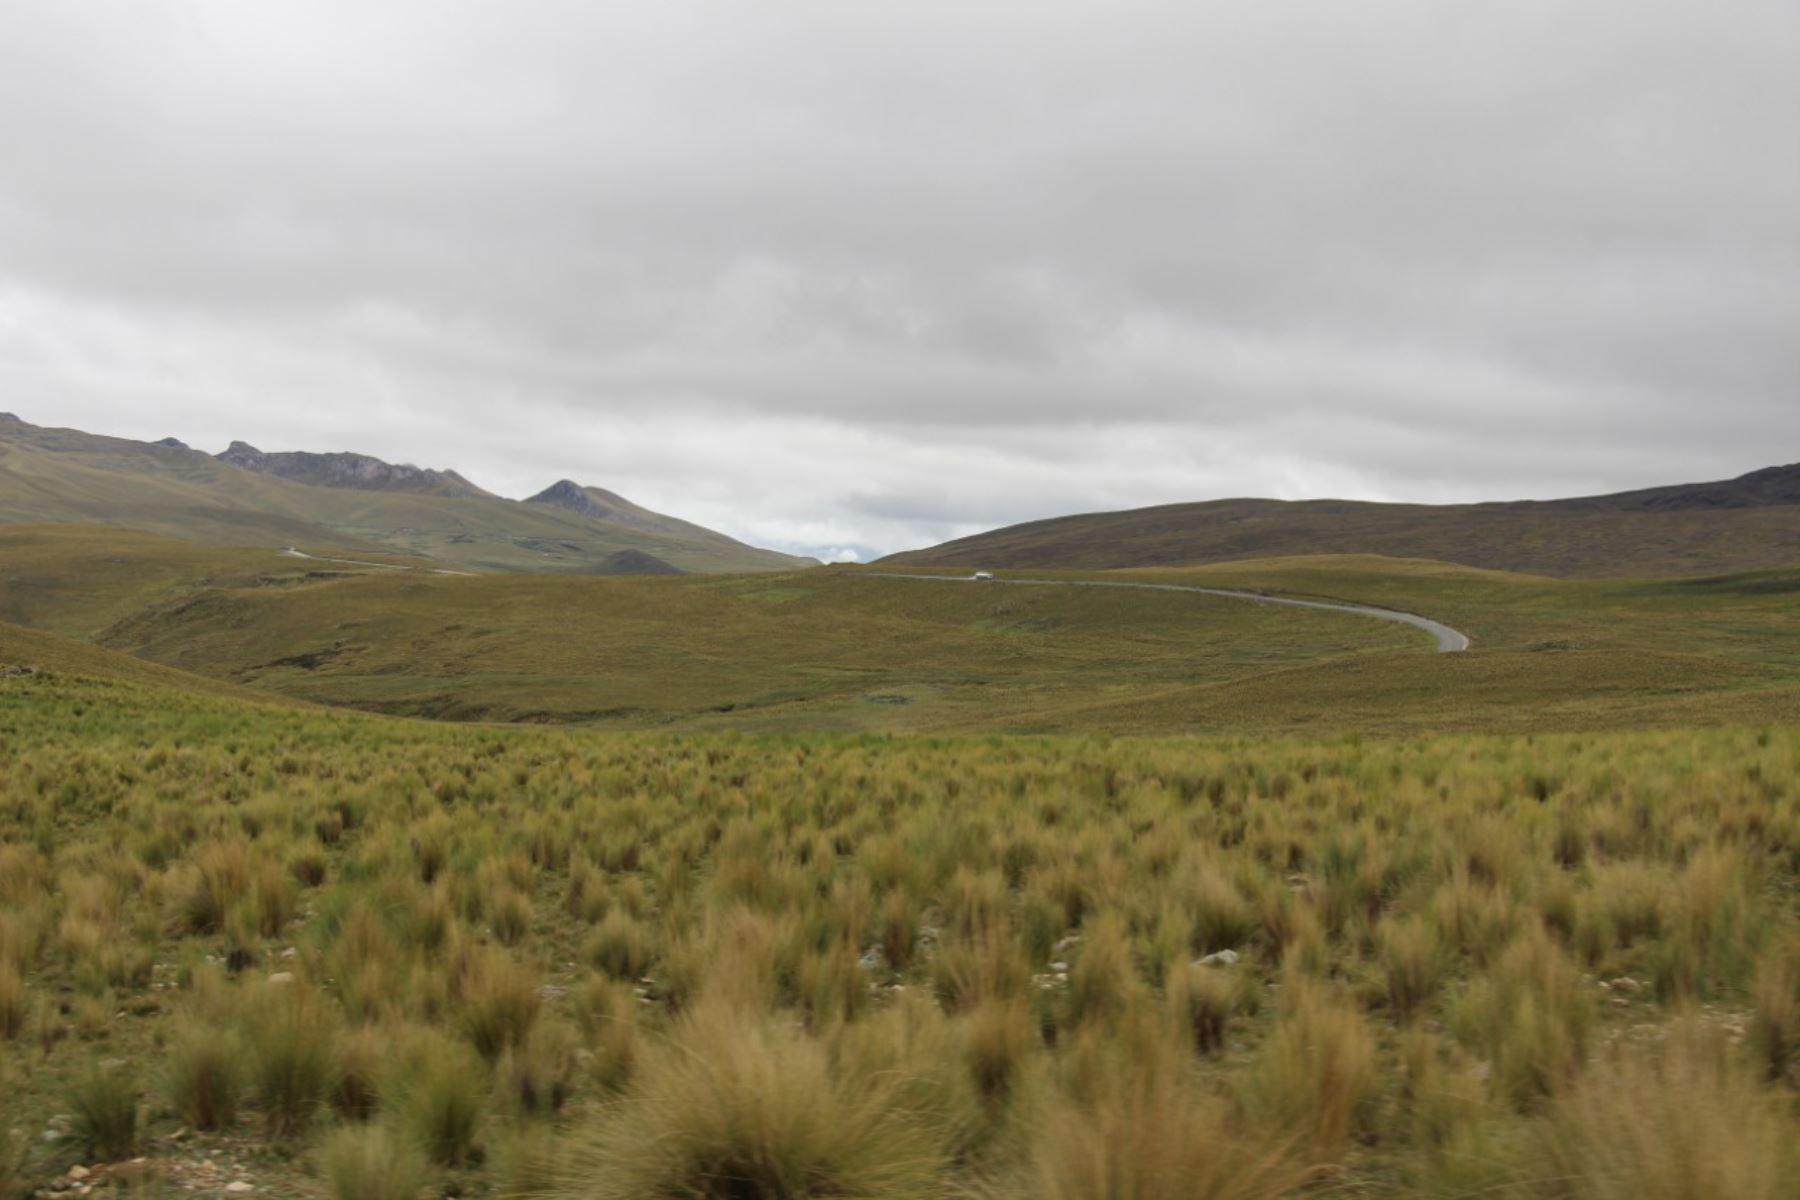 El MTC trabaja para aprovechar al máximo la potencialidad del corredor vial Apurímac-Cusco-Arequipa, de 720 kilómetros.